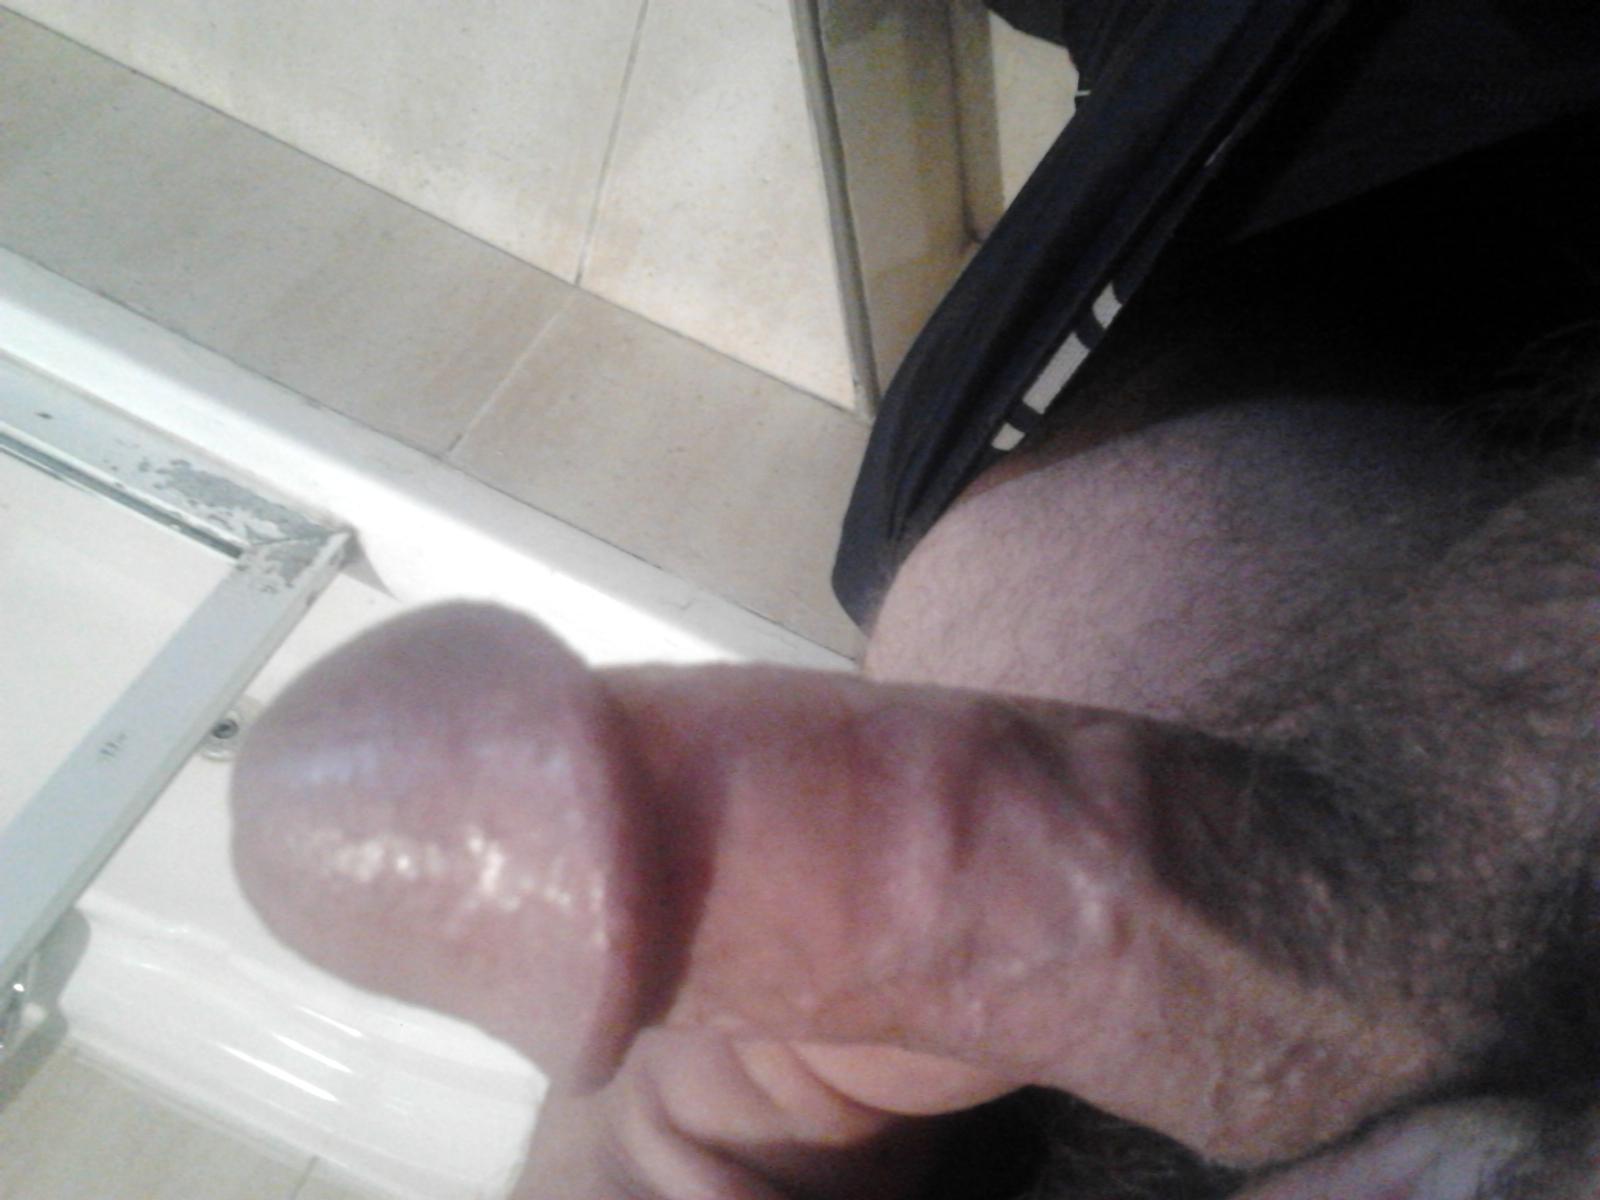 סקס מתוק מחפש סקס